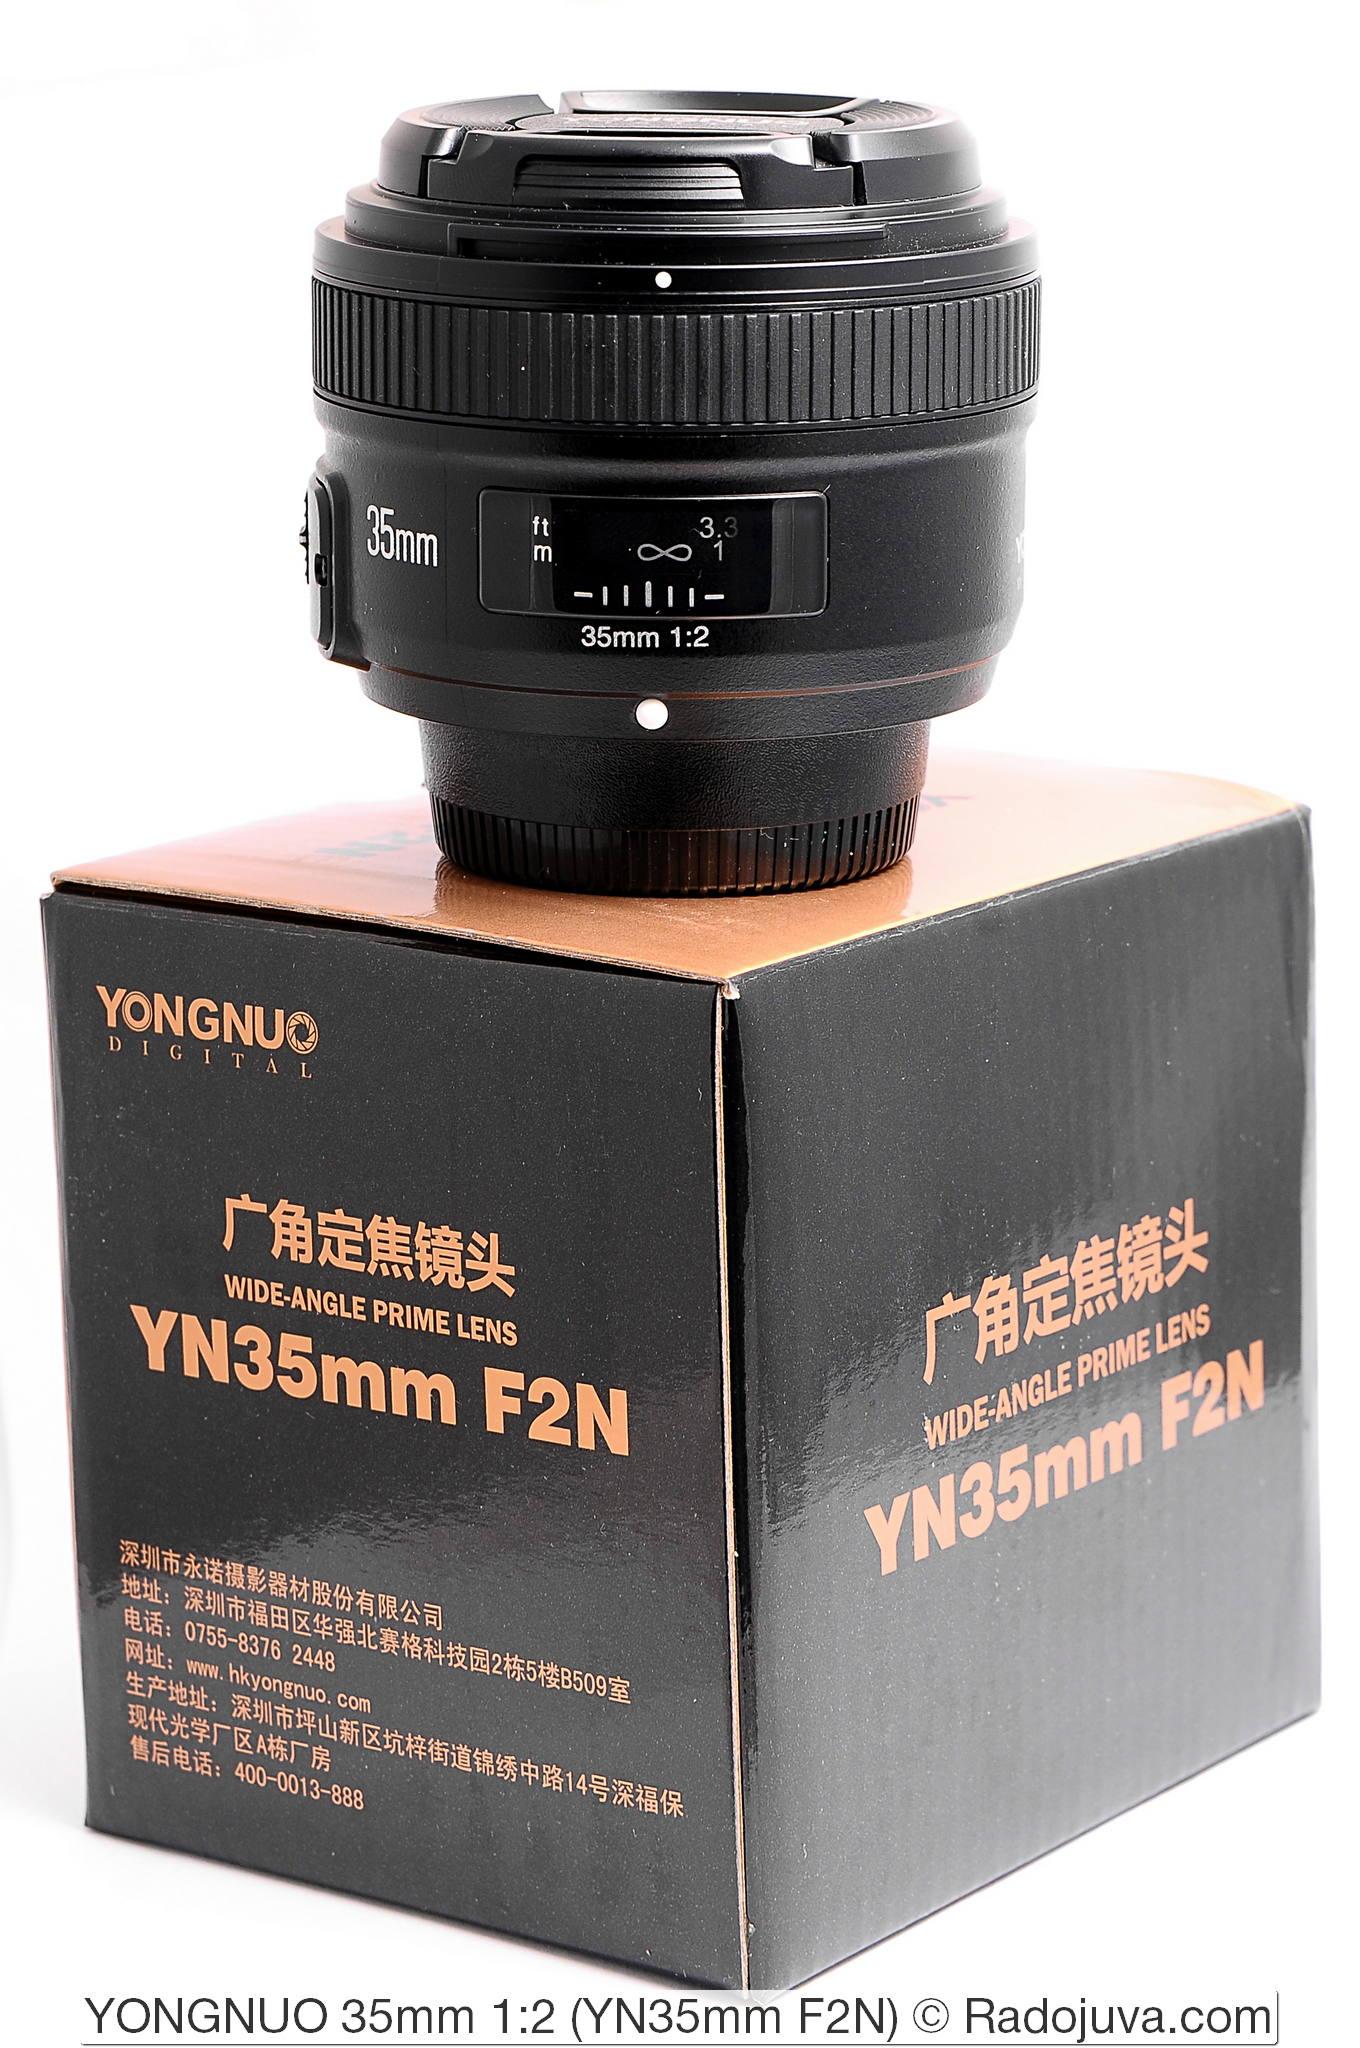 YONGNUO 35mm 1:2 (YN35mm F2N)